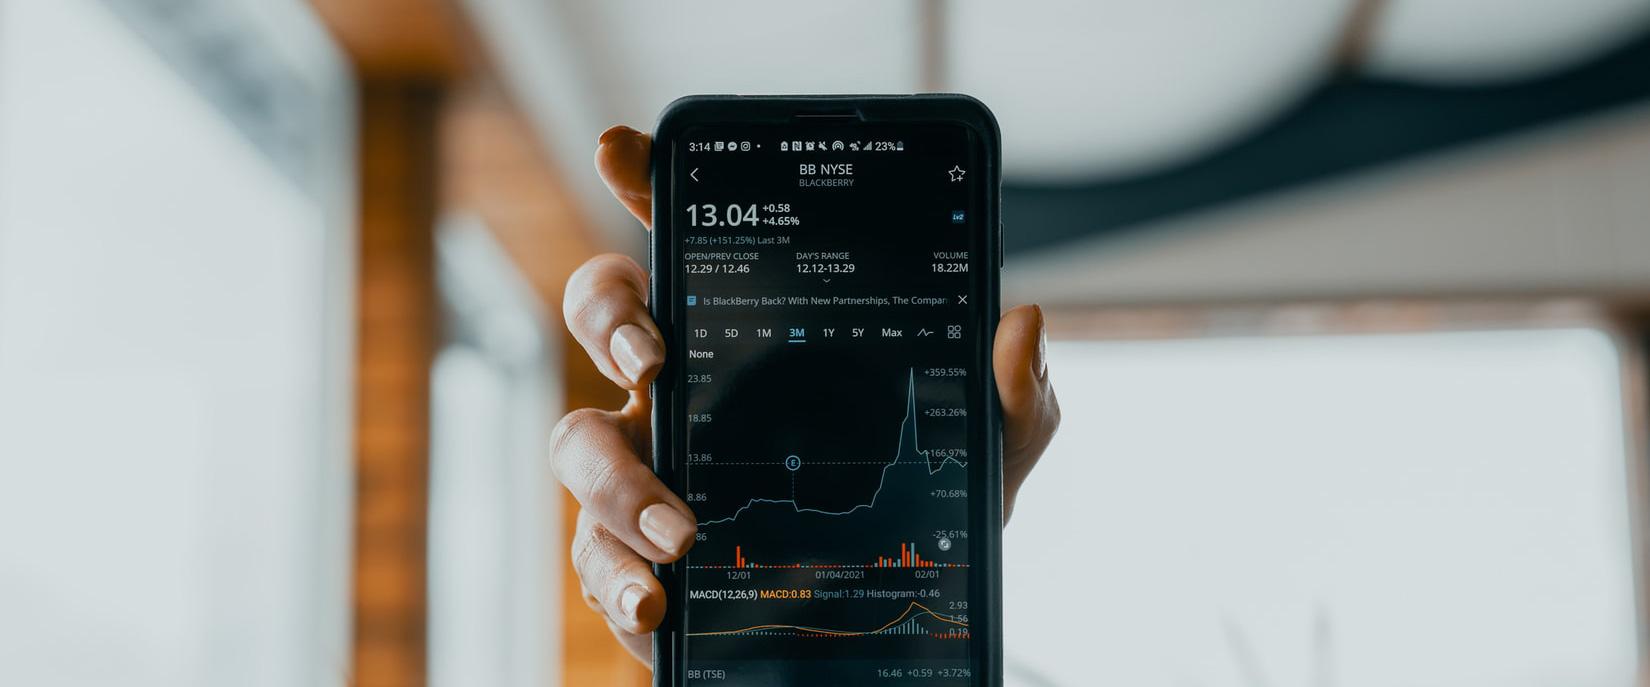 Fondos de inversión MyInvestor: tipos de fondos y comisiones